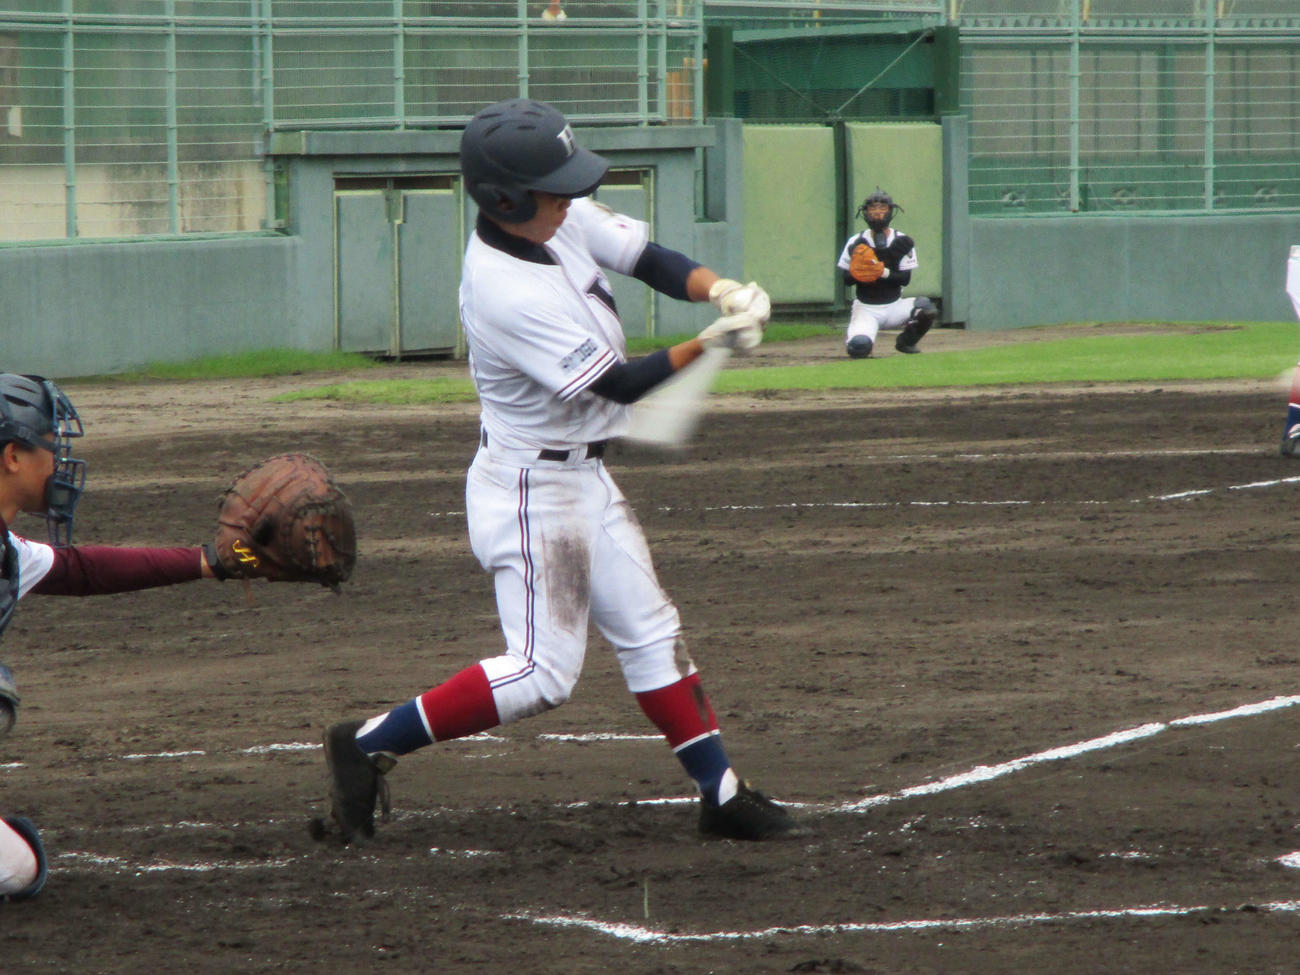 西宮東対猪名川 7回無死三塁、西宮東・渡部は右越えに適時二塁打を放つ(撮影・只松憲)